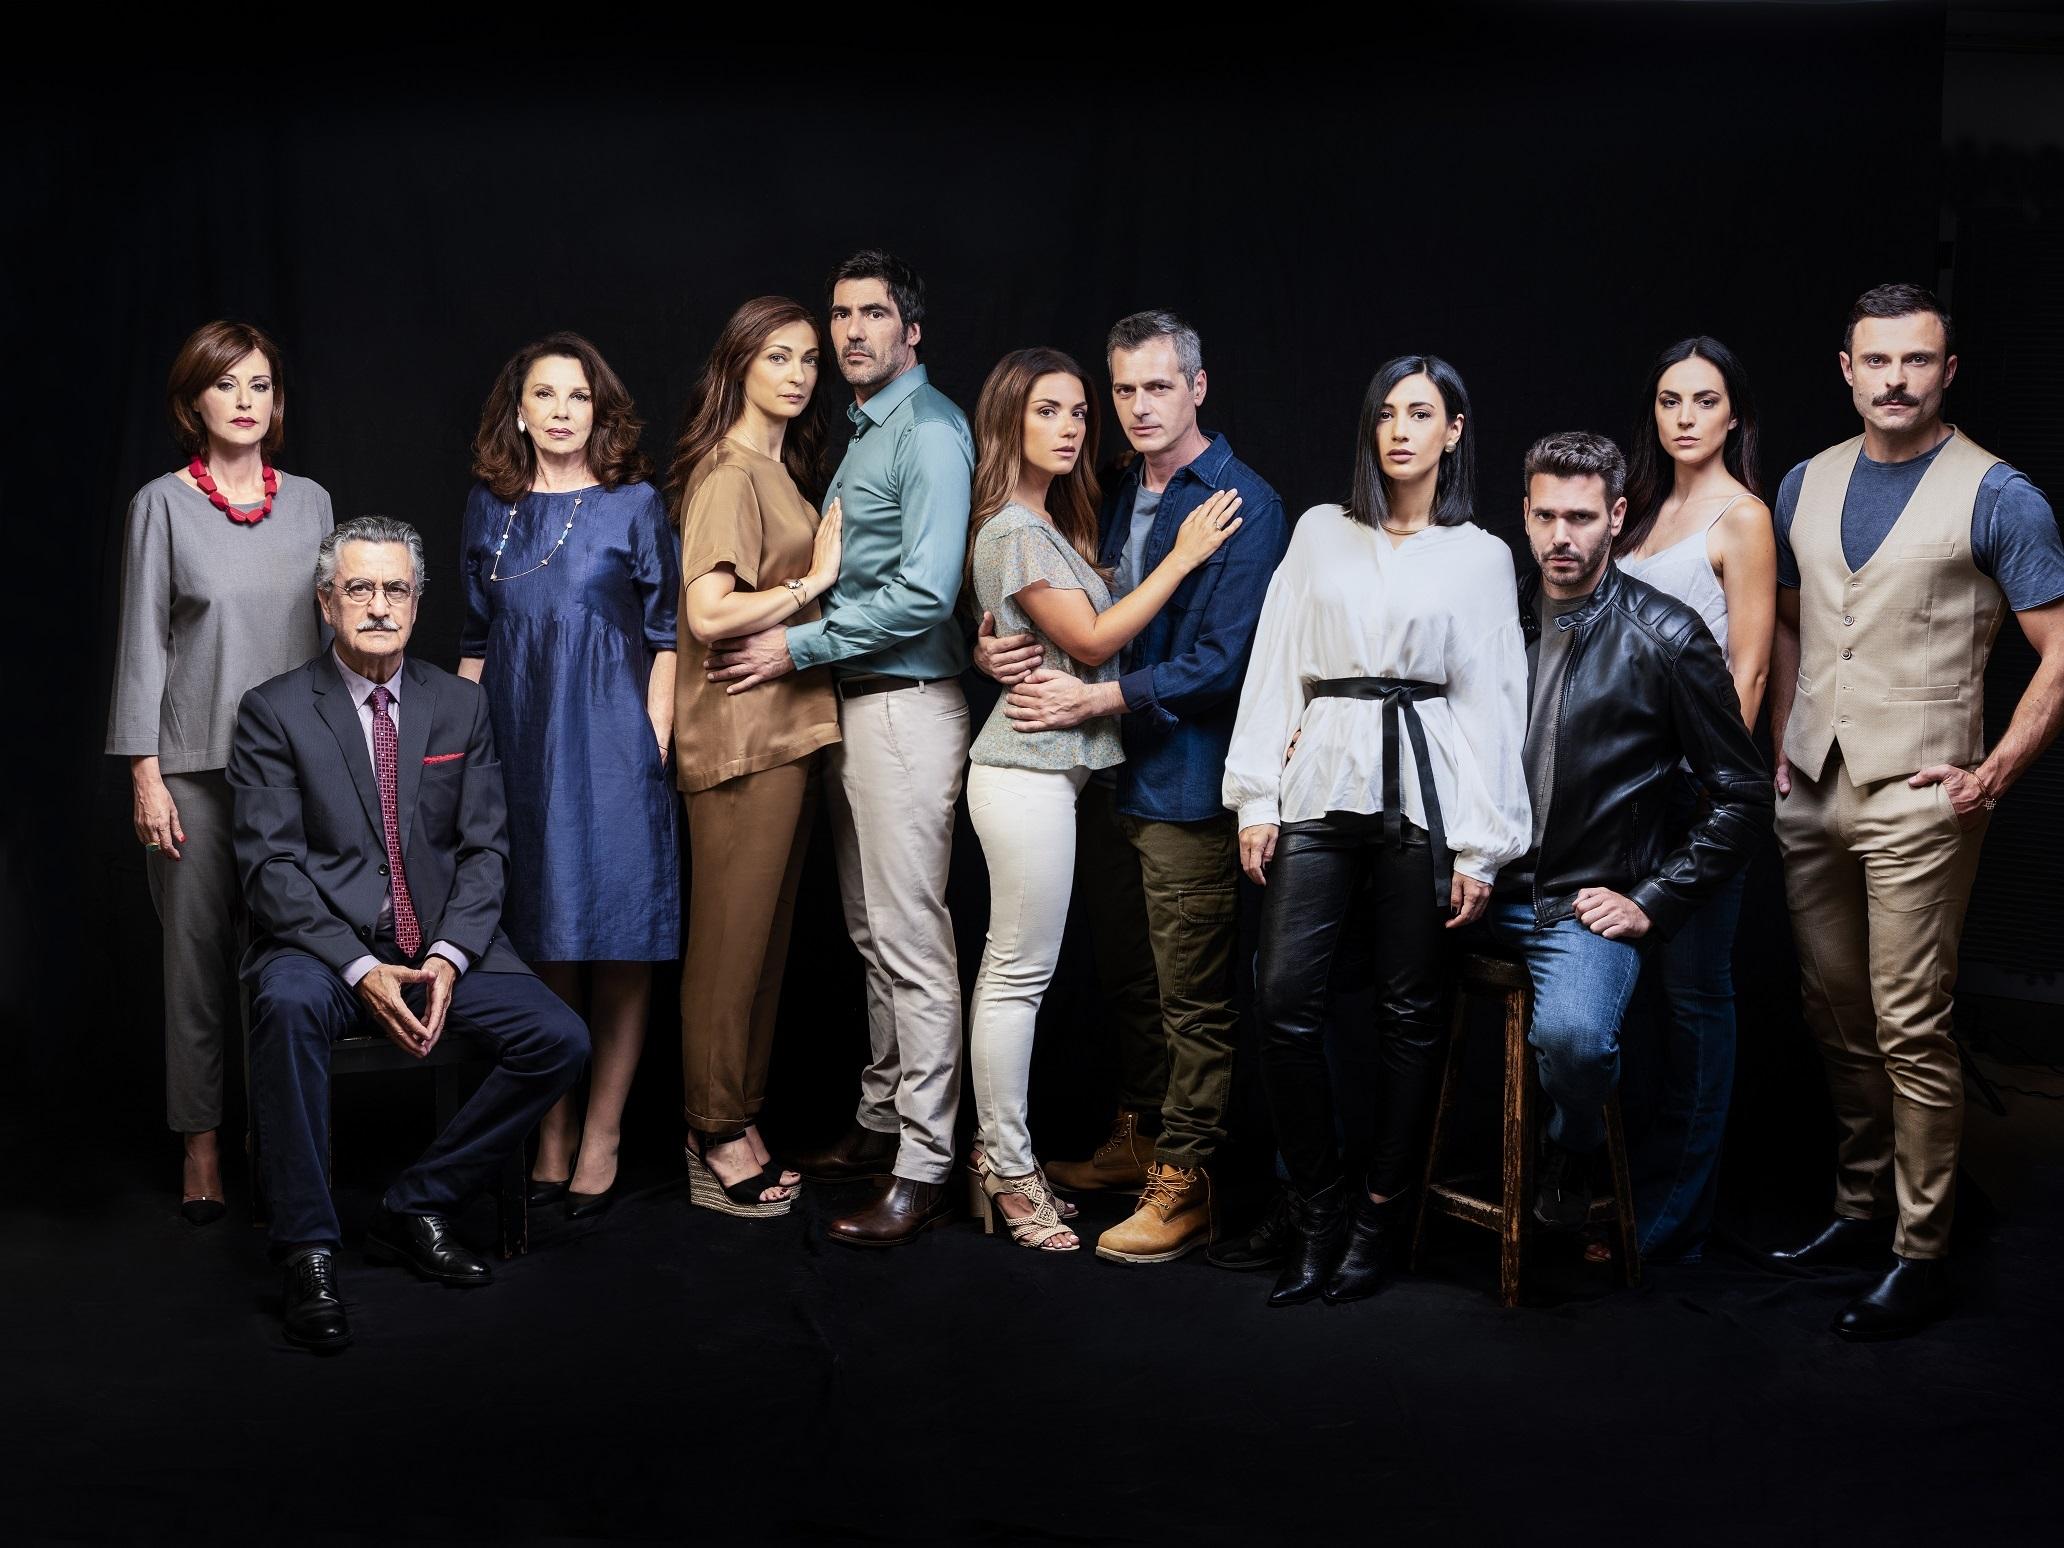 «Έρωτας μετά» – Η πρεμιέρα και οι συντελεστές της καινούργιας σειράς   Newsit.gr